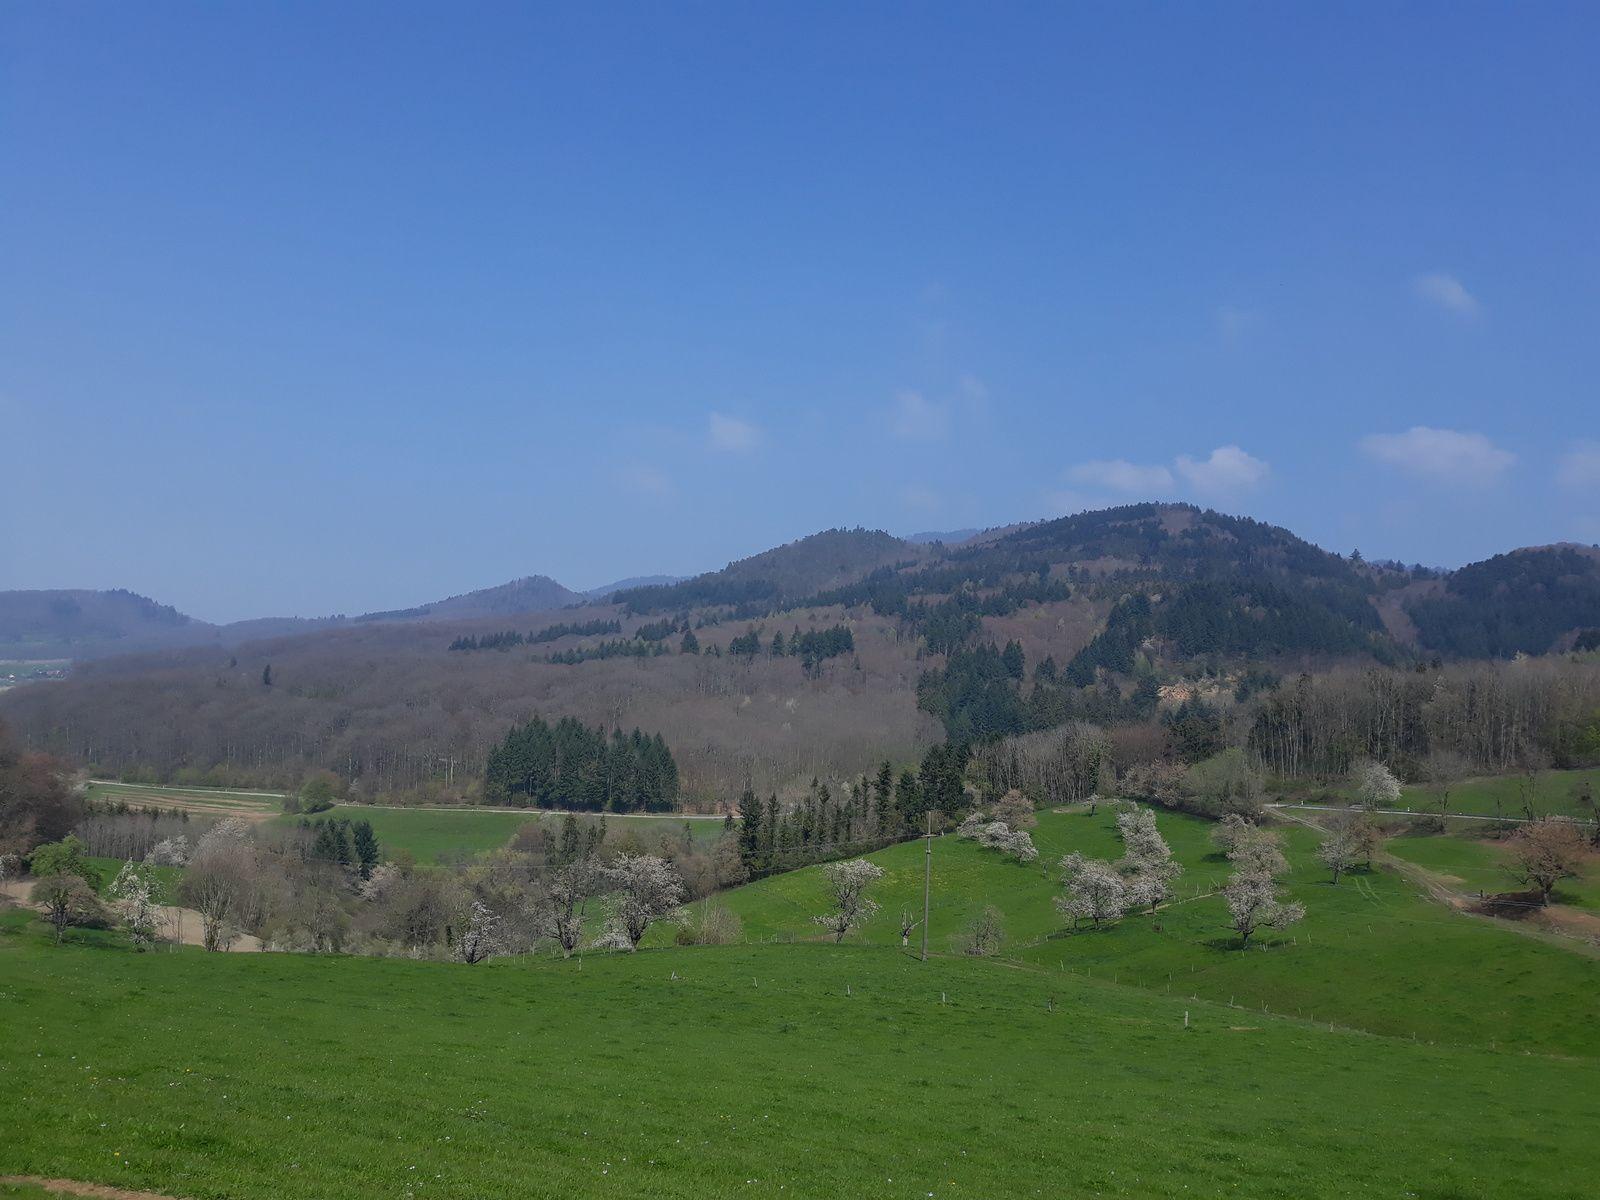 Randonnée dans le Eggenertal (Markgräflerland - Bade Wurttemberg) - mercredi 24 avril 2019